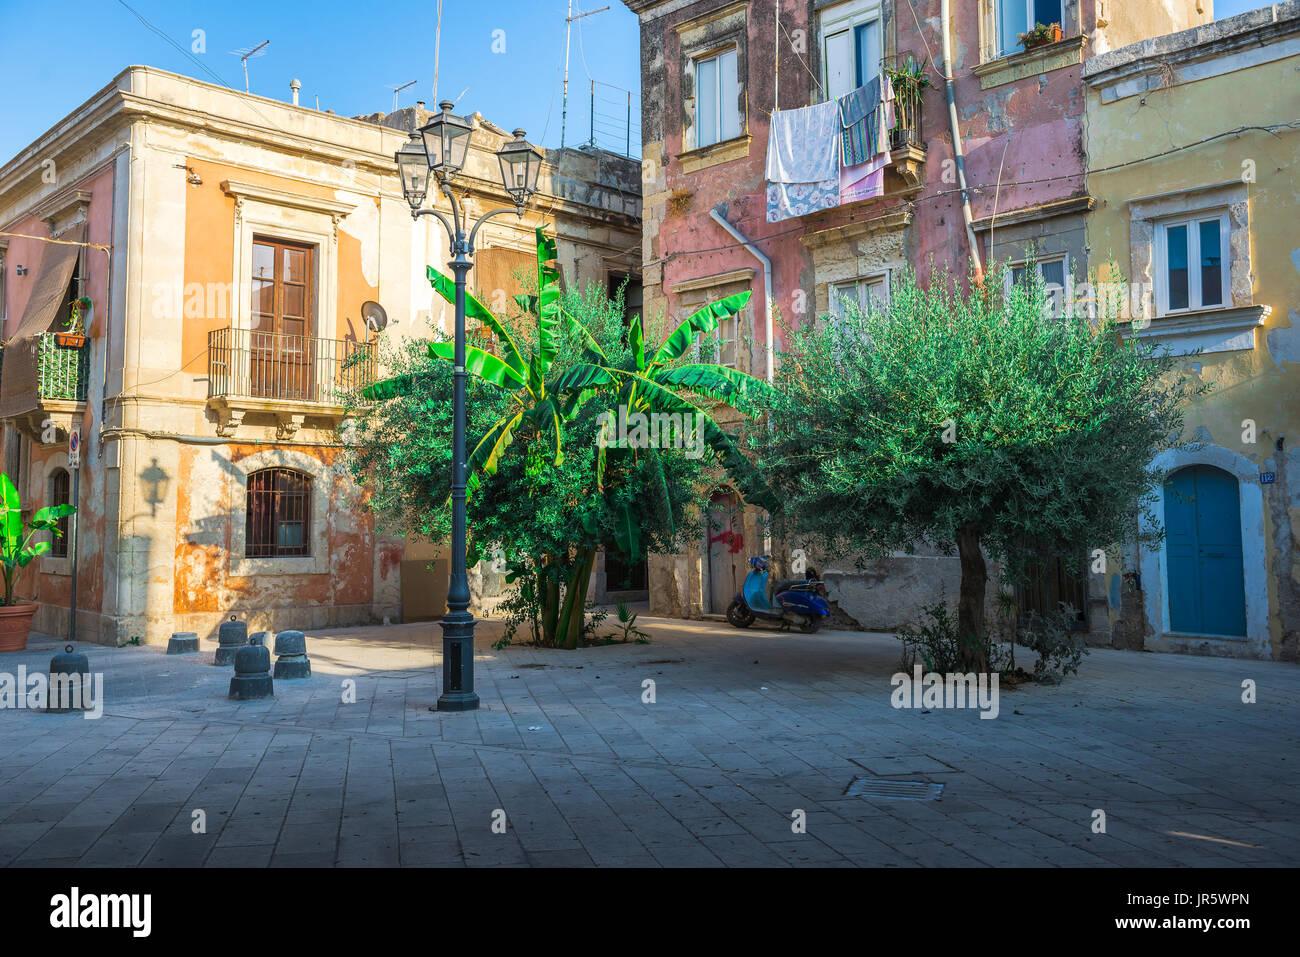 Sicile Ortigia vieille ville, une petite place fermée dans le quartier historique de la vieille ville d'Ortigia, Syracuse, en Sicile. Photo Stock